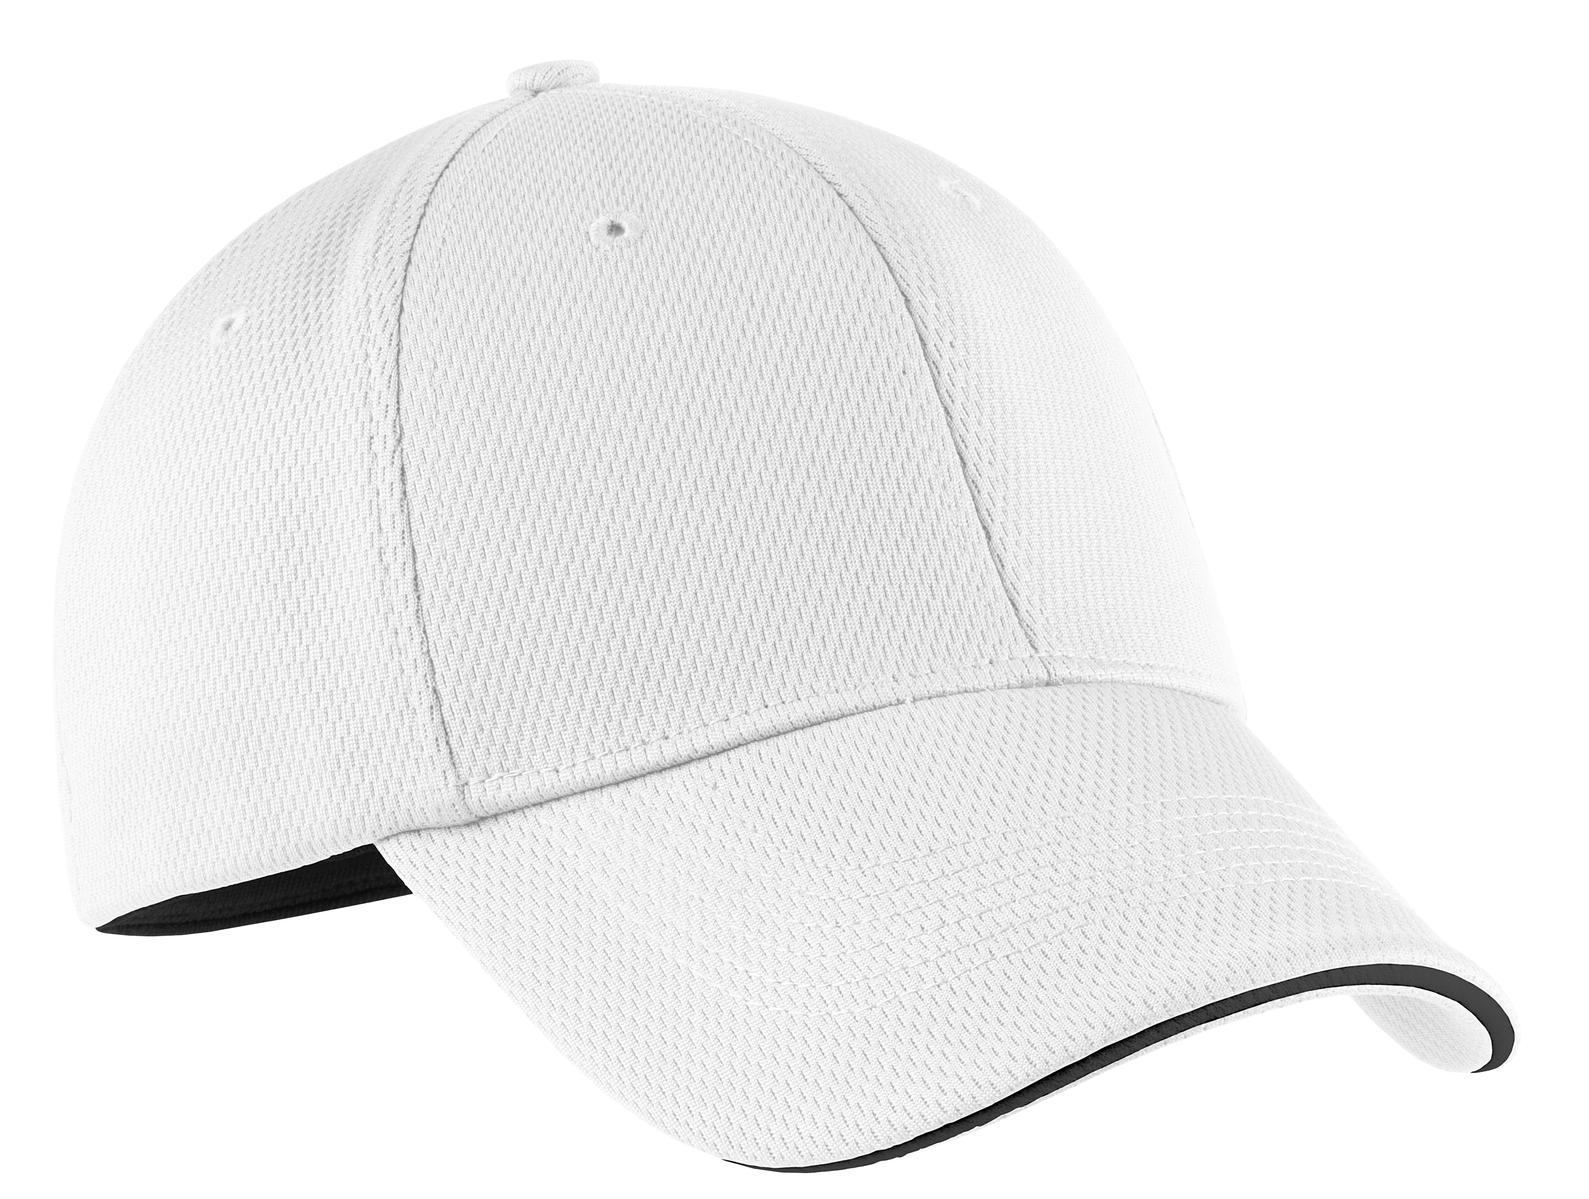 ... Nike Golf - Dri-FIT Mesh Swoosh Flex Sandwich Cap - CCG3210 ... c6dc77e3c21